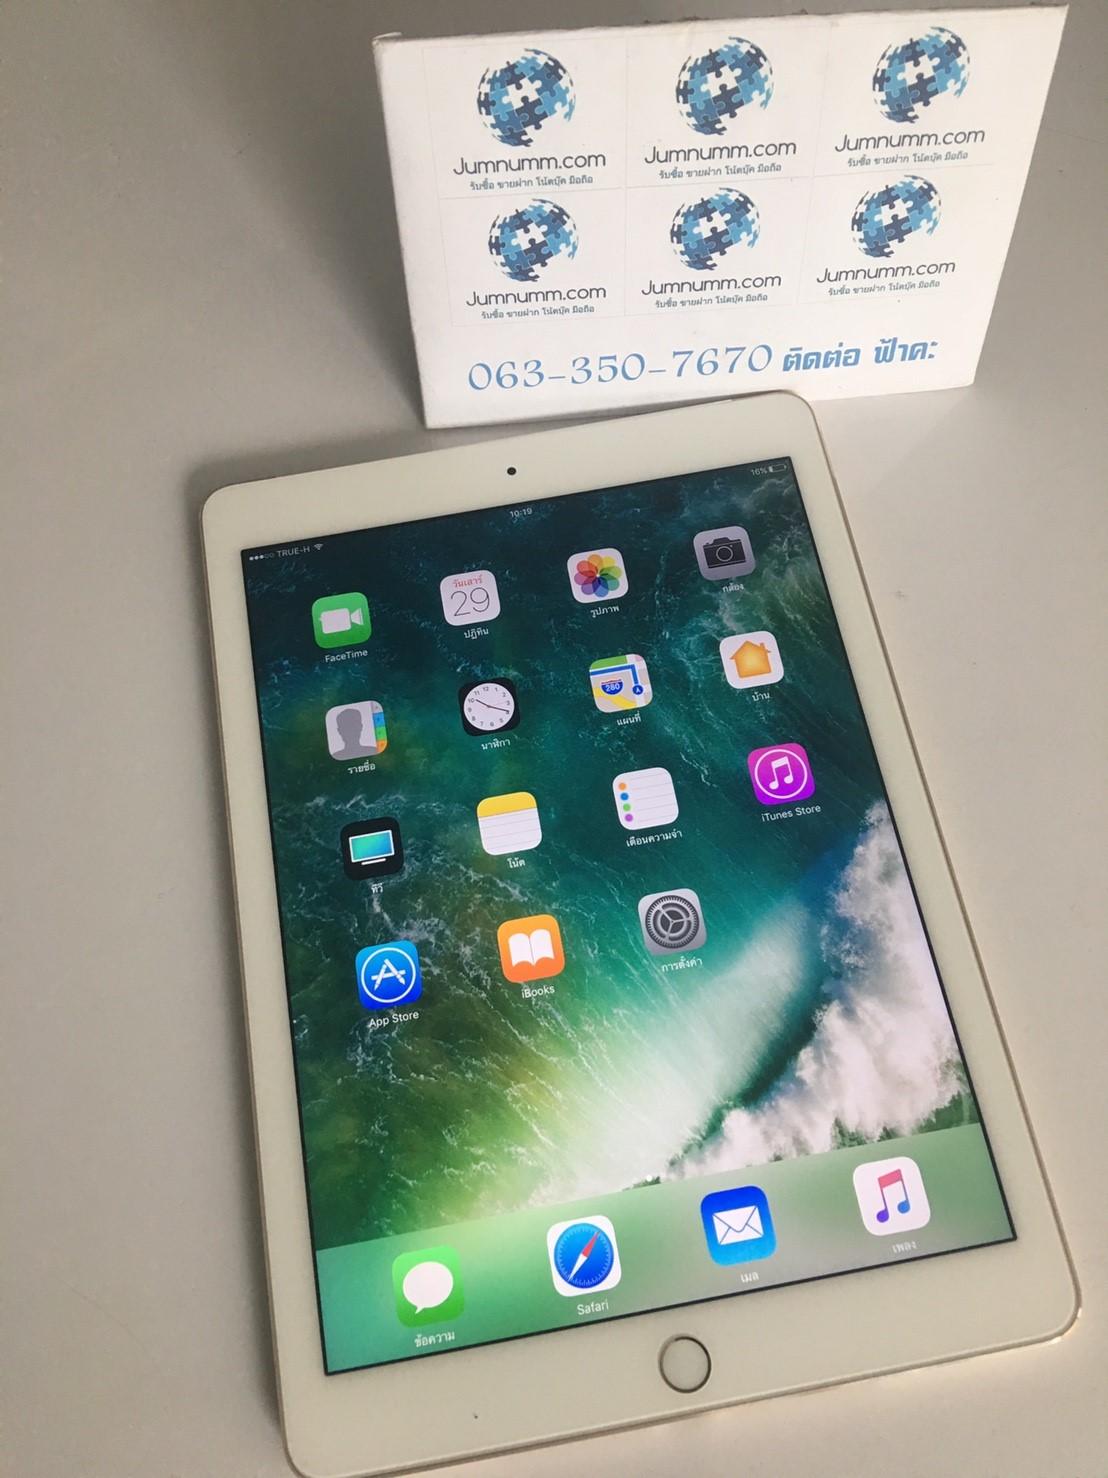 JMM-29 ขาย iPad Air2 Cellular 32 Gb ราคา 13,900 บาท ประกันศูนย์ถึง ม.ค 2561